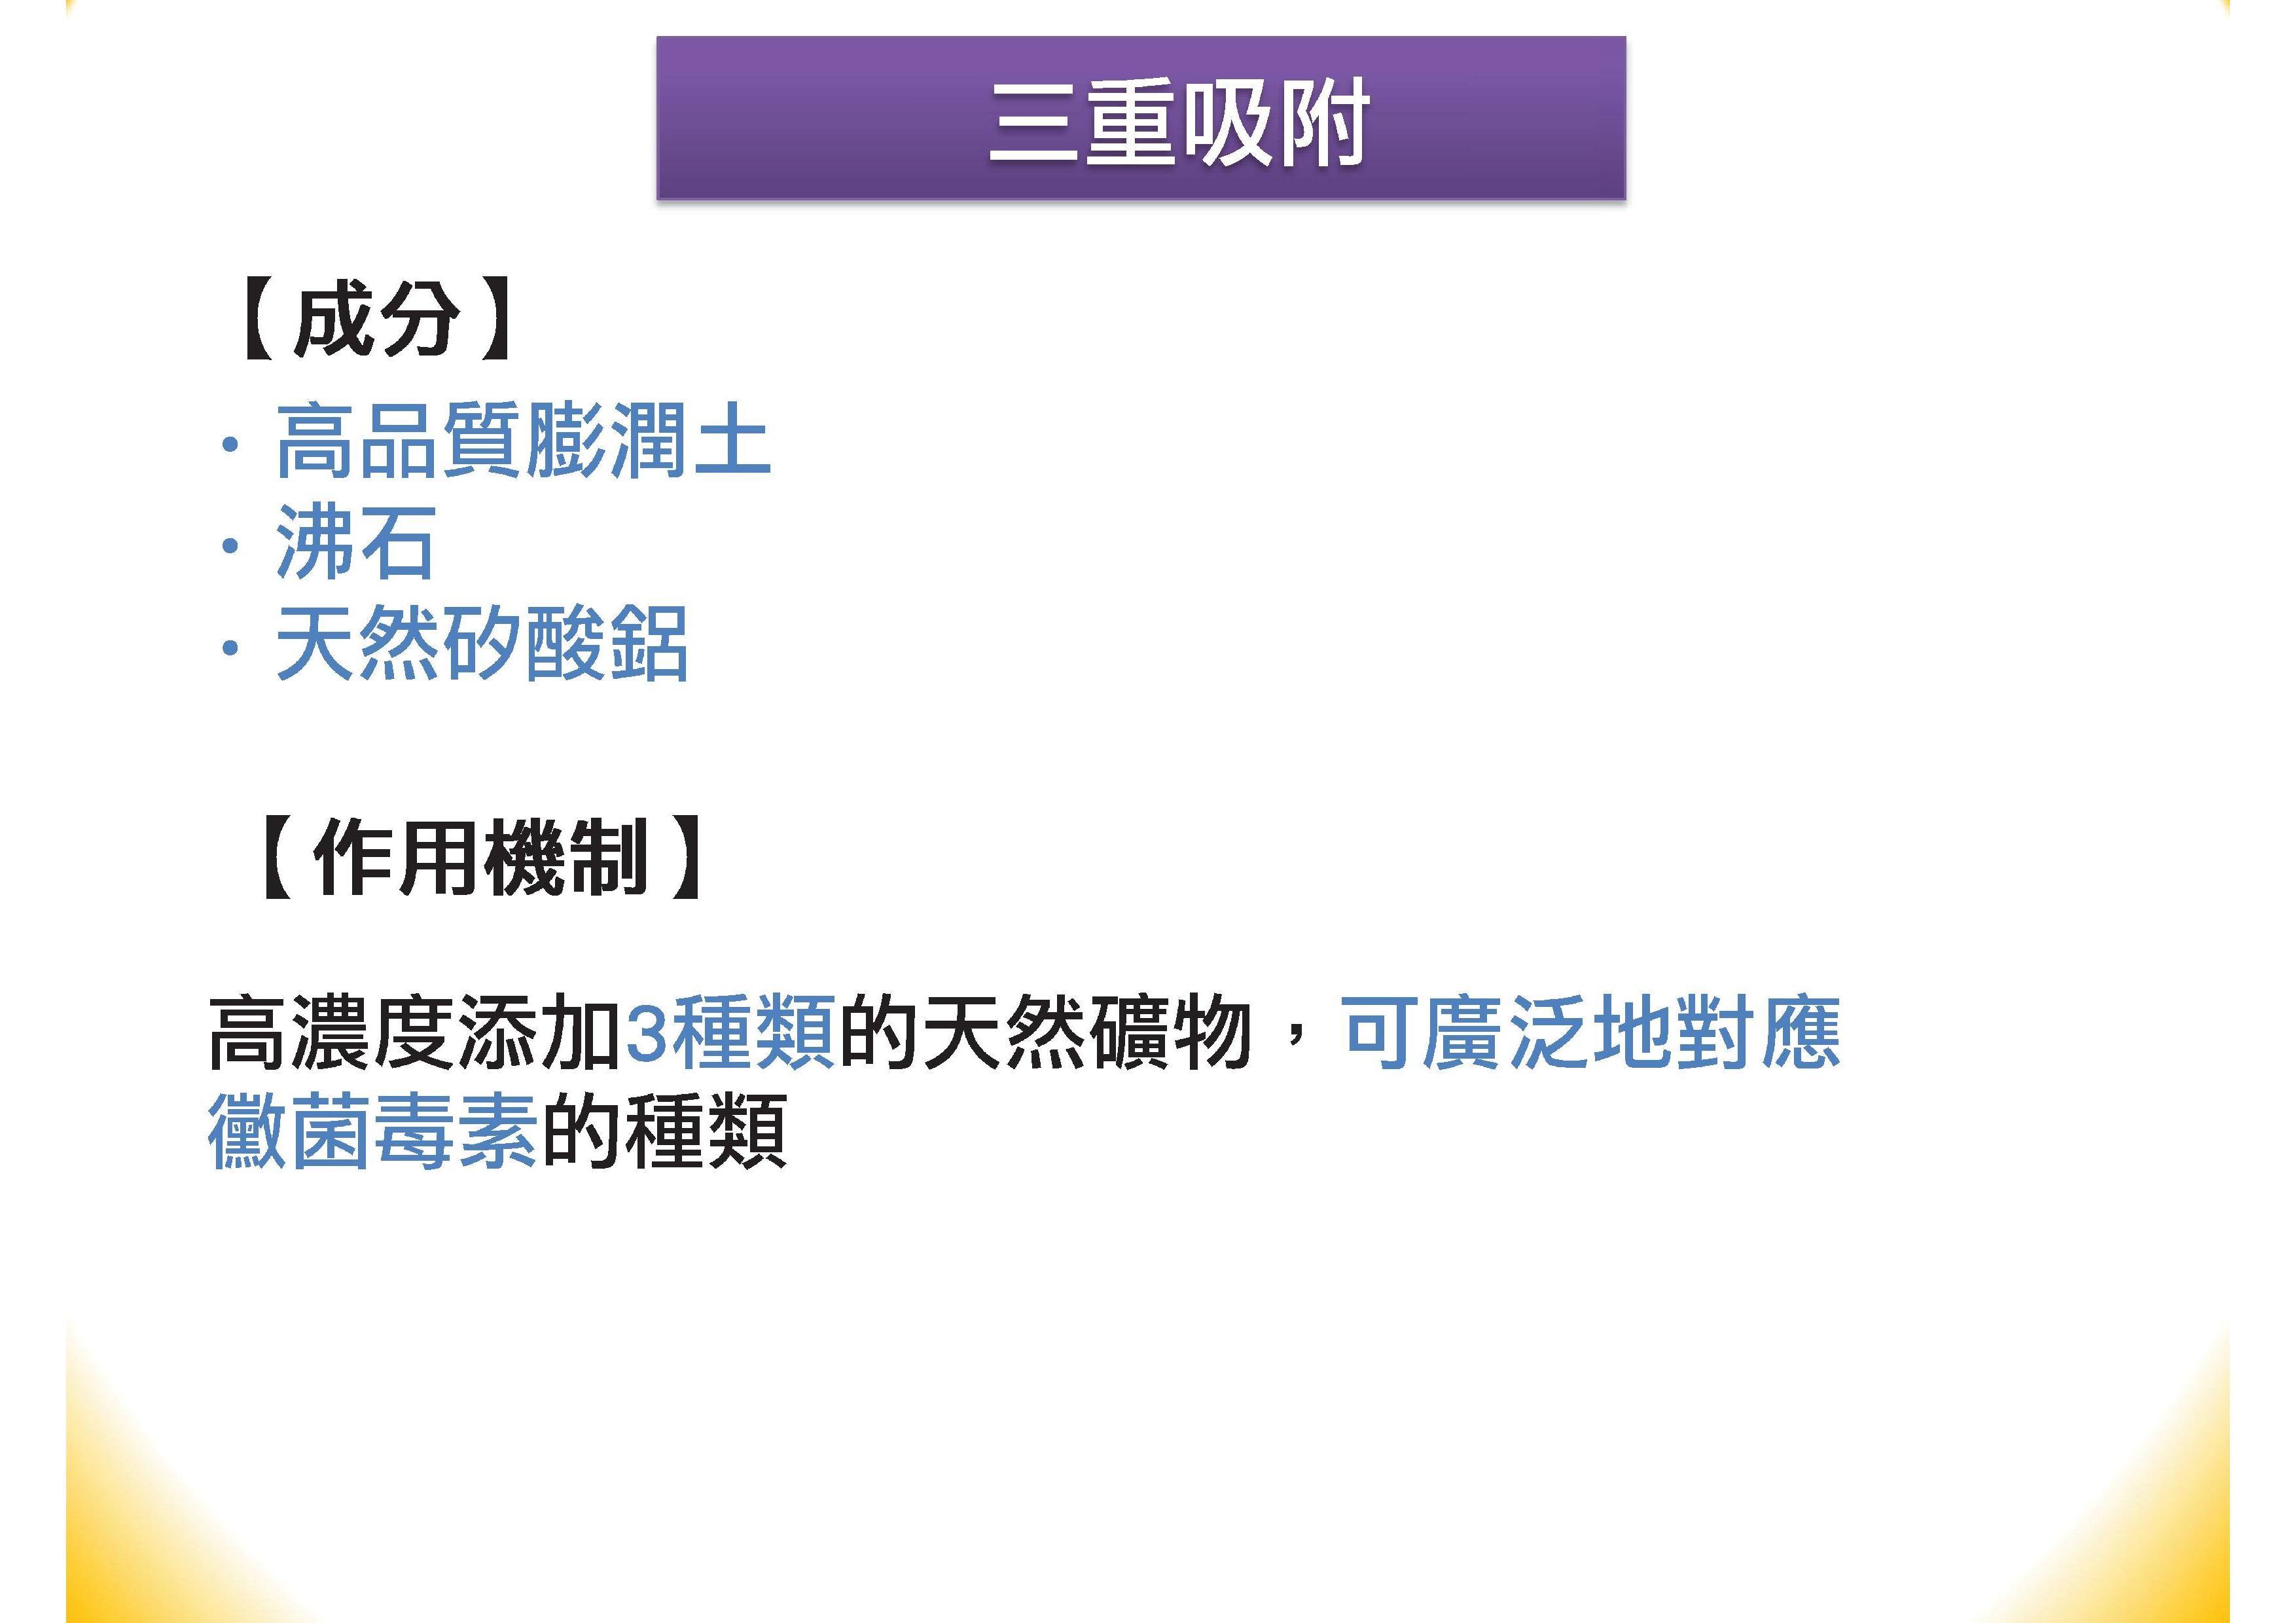 肝寶吸附劑簡報(中文).pdf00014